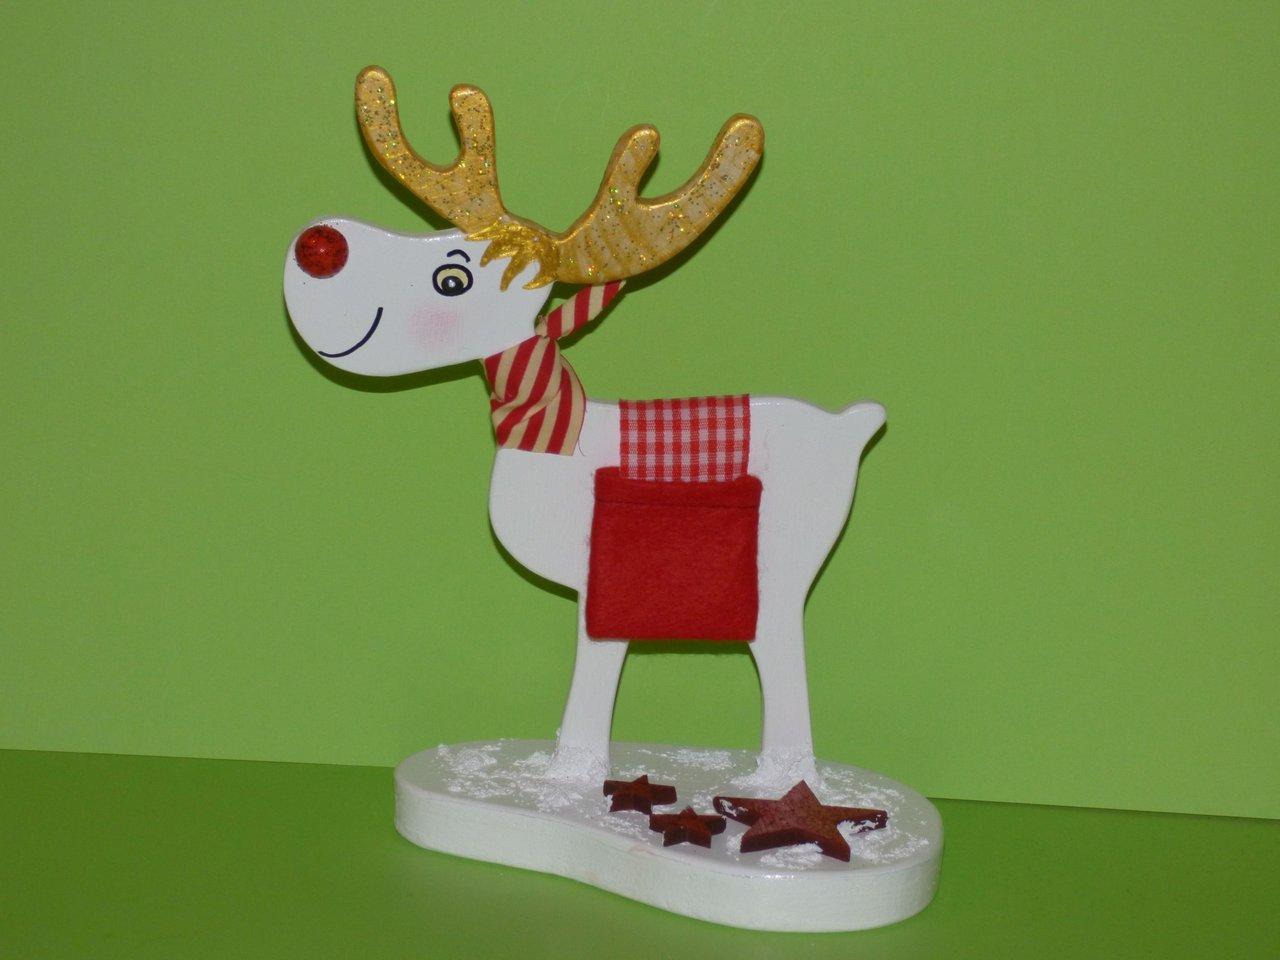 Winterdeko elch josef weihnachten holz allerlei for Besondere dekoartikel